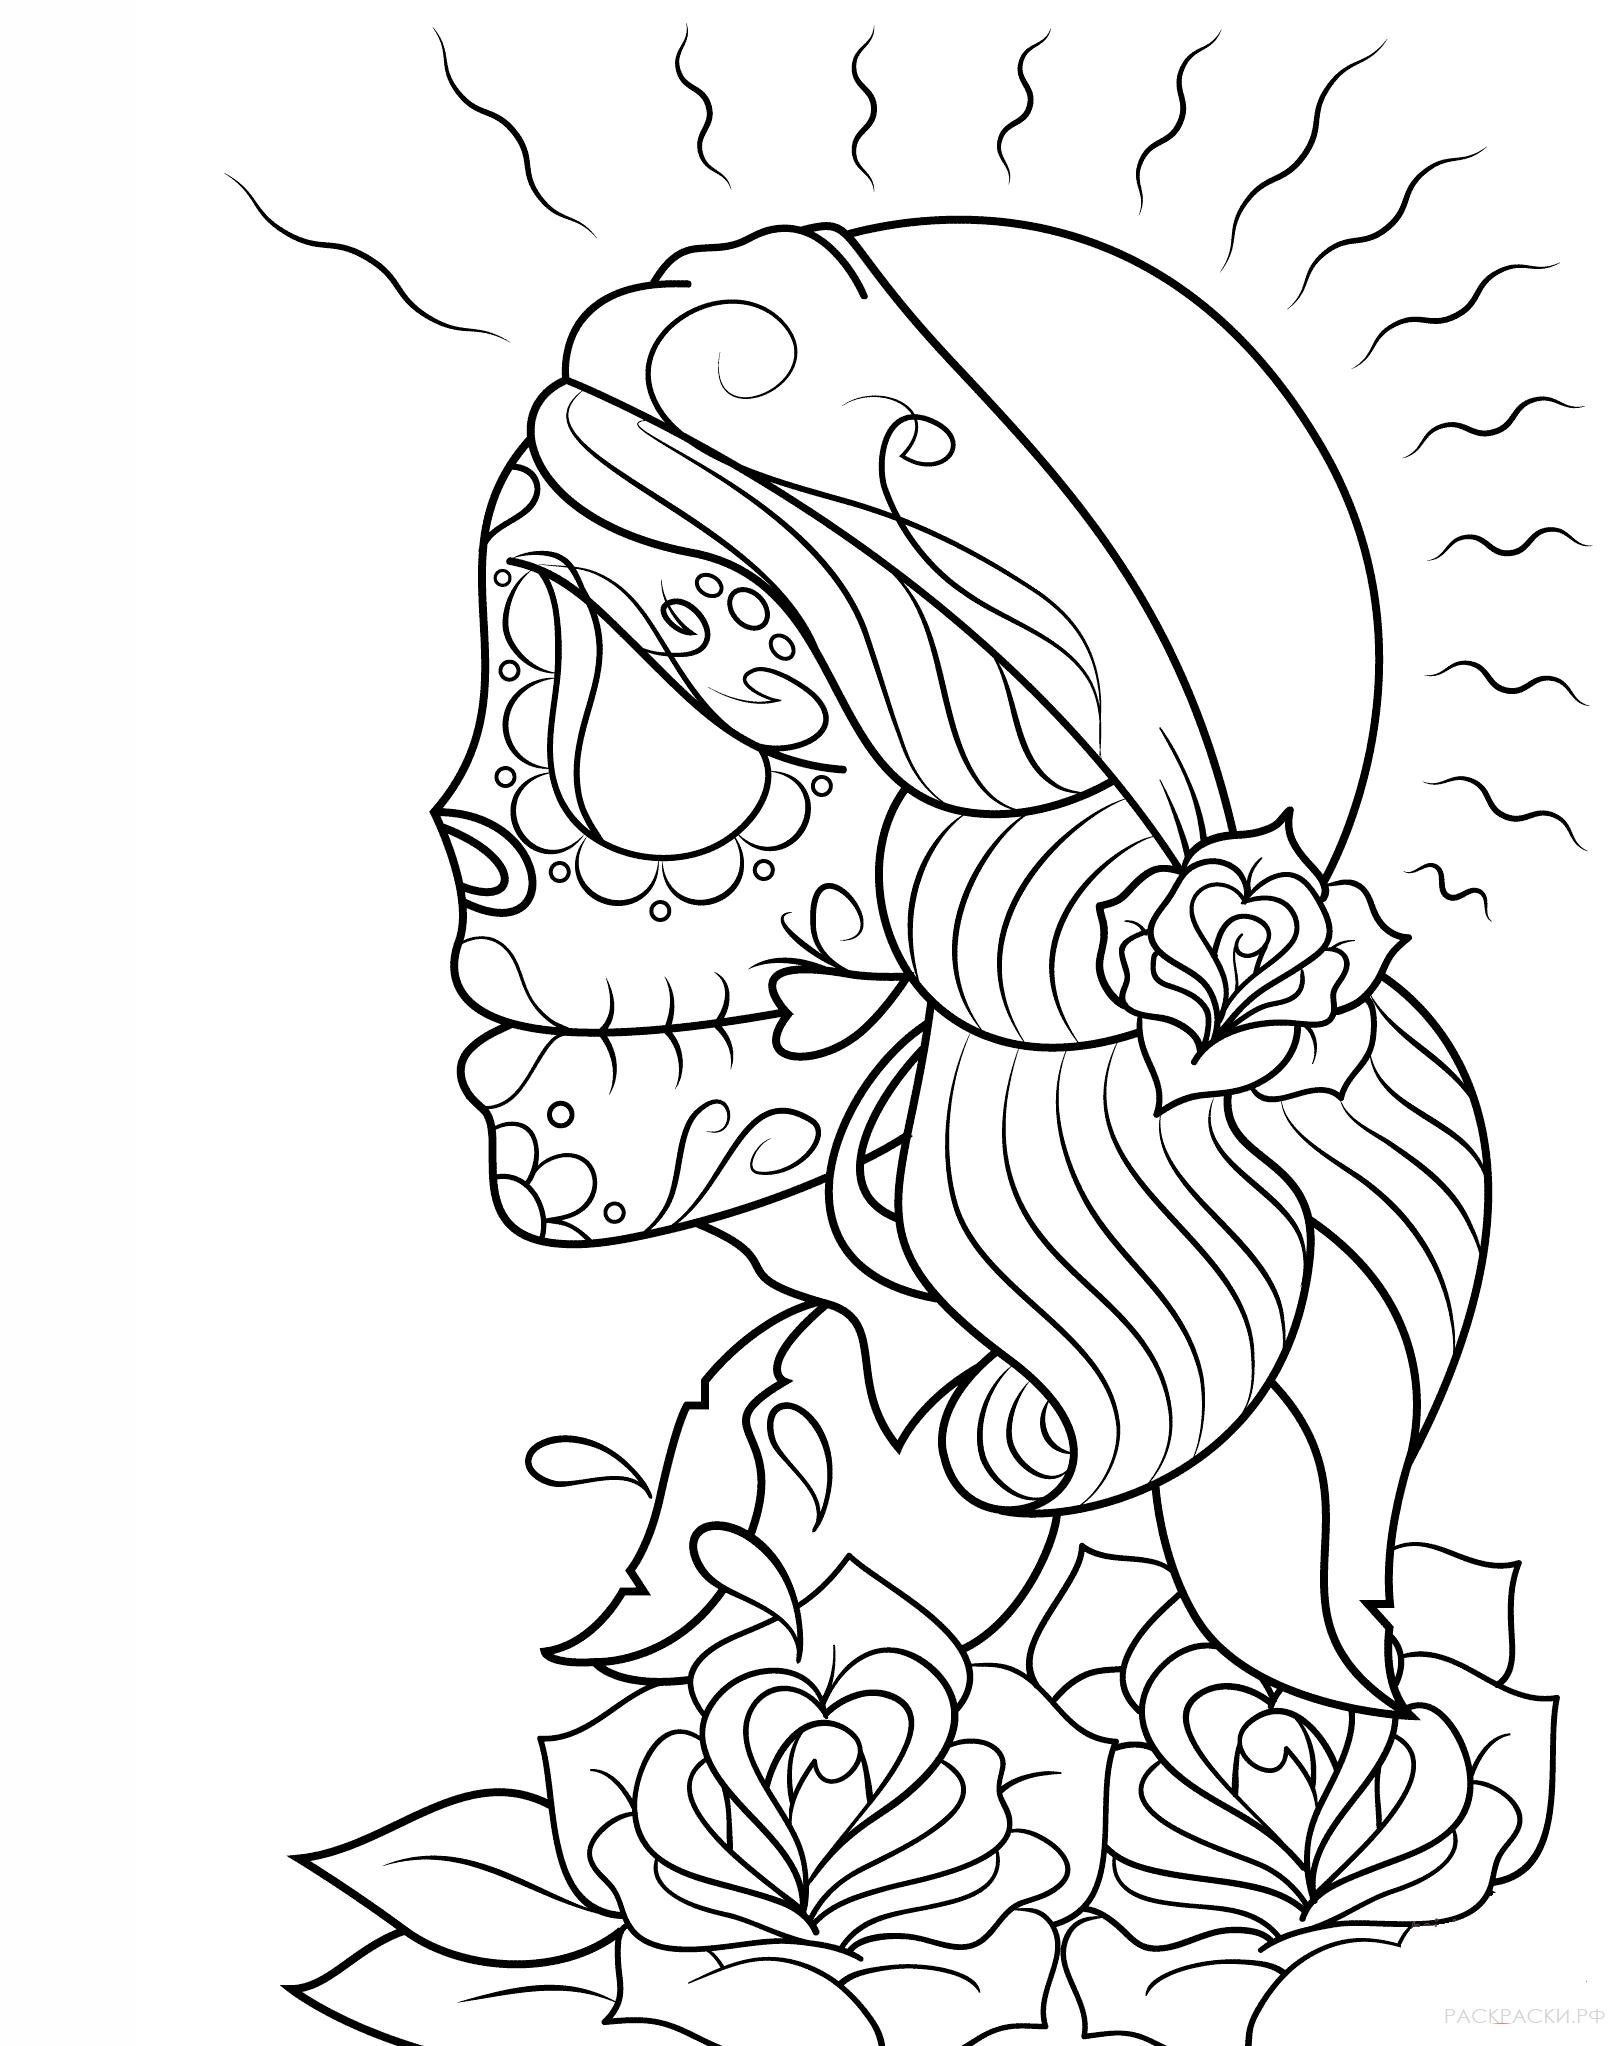 Раскраска Калавера девушки ко Дню мёртвых